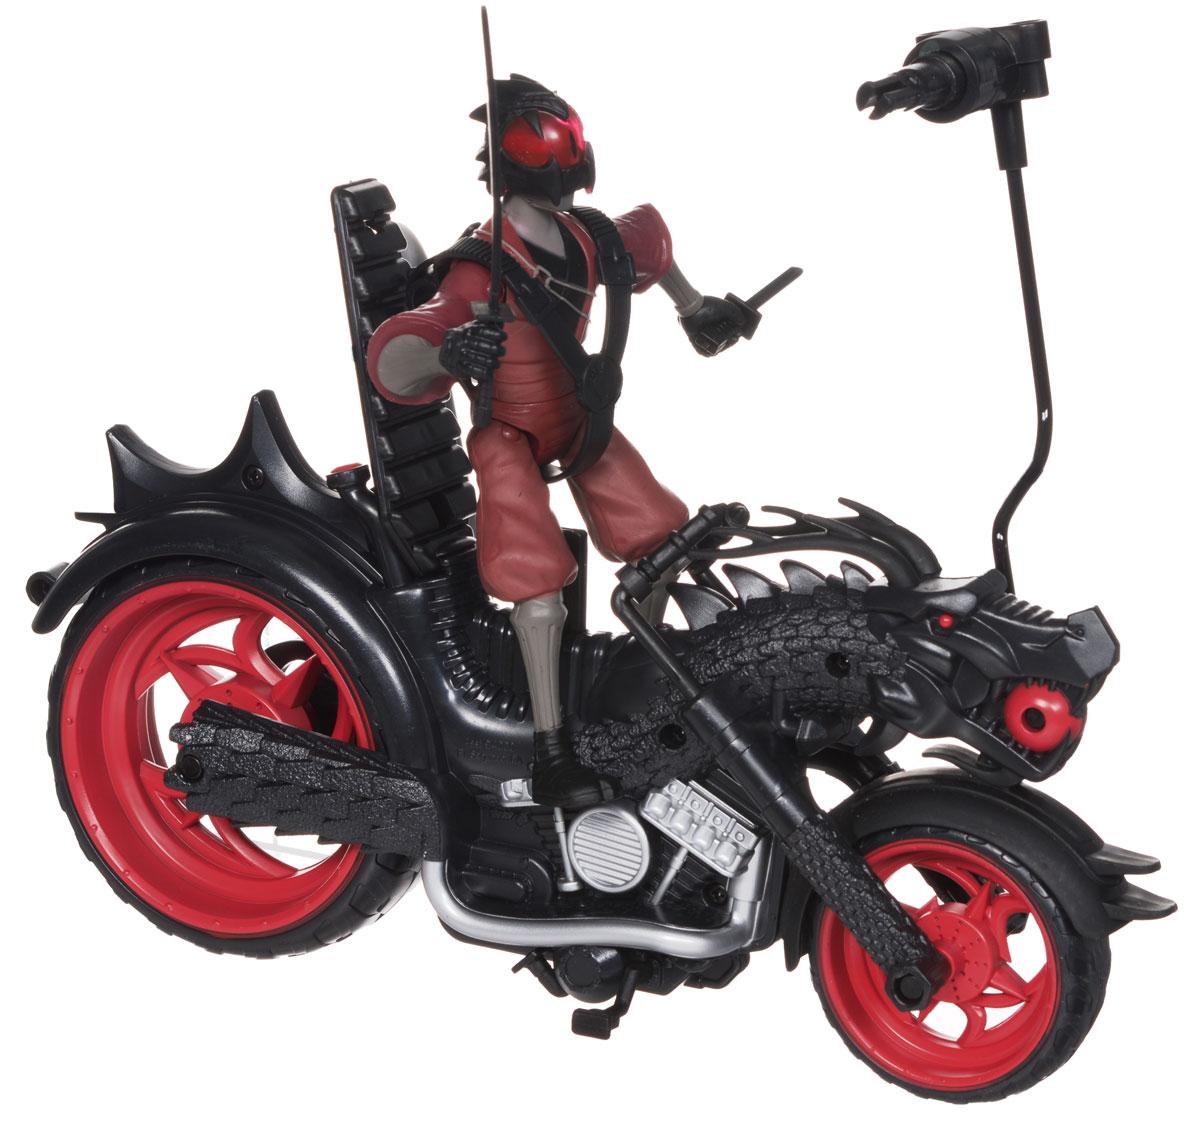 """Мотоцикл Черепашки Ниндзя """"Огненный гонщик"""" непременно понравится вашему ребенку и надолго займет его внимание. Набор выполнен из безопасного пластика и включает игрушку в виде мотоцикла клана """"Фут"""", фигурку Фенга - Воина Дракона и его оружие - меч. Мотоцикл, принадлежащий группировке """"Пурпурный дракон"""", оснащен катапультой. Достаточно нажать кнопку в задней части мотоцикла, и фигурка катапультируется из седла, сделав сальто на 360°. Также мотоцикл снабжен вращающимися колесами и подножкой для устойчивости мотоцикла. Фигурка имеет шарнирное устройство конечностей, что позволяет фиксировать ее в нужном положении. На мотоцикл можно посадить любого участника команды """"TMNT"""". Ваш ребенок с удовольствием будет играть с мотоциклом, придумывая различные истории. Порадуйте его таким замечательным подарком!"""